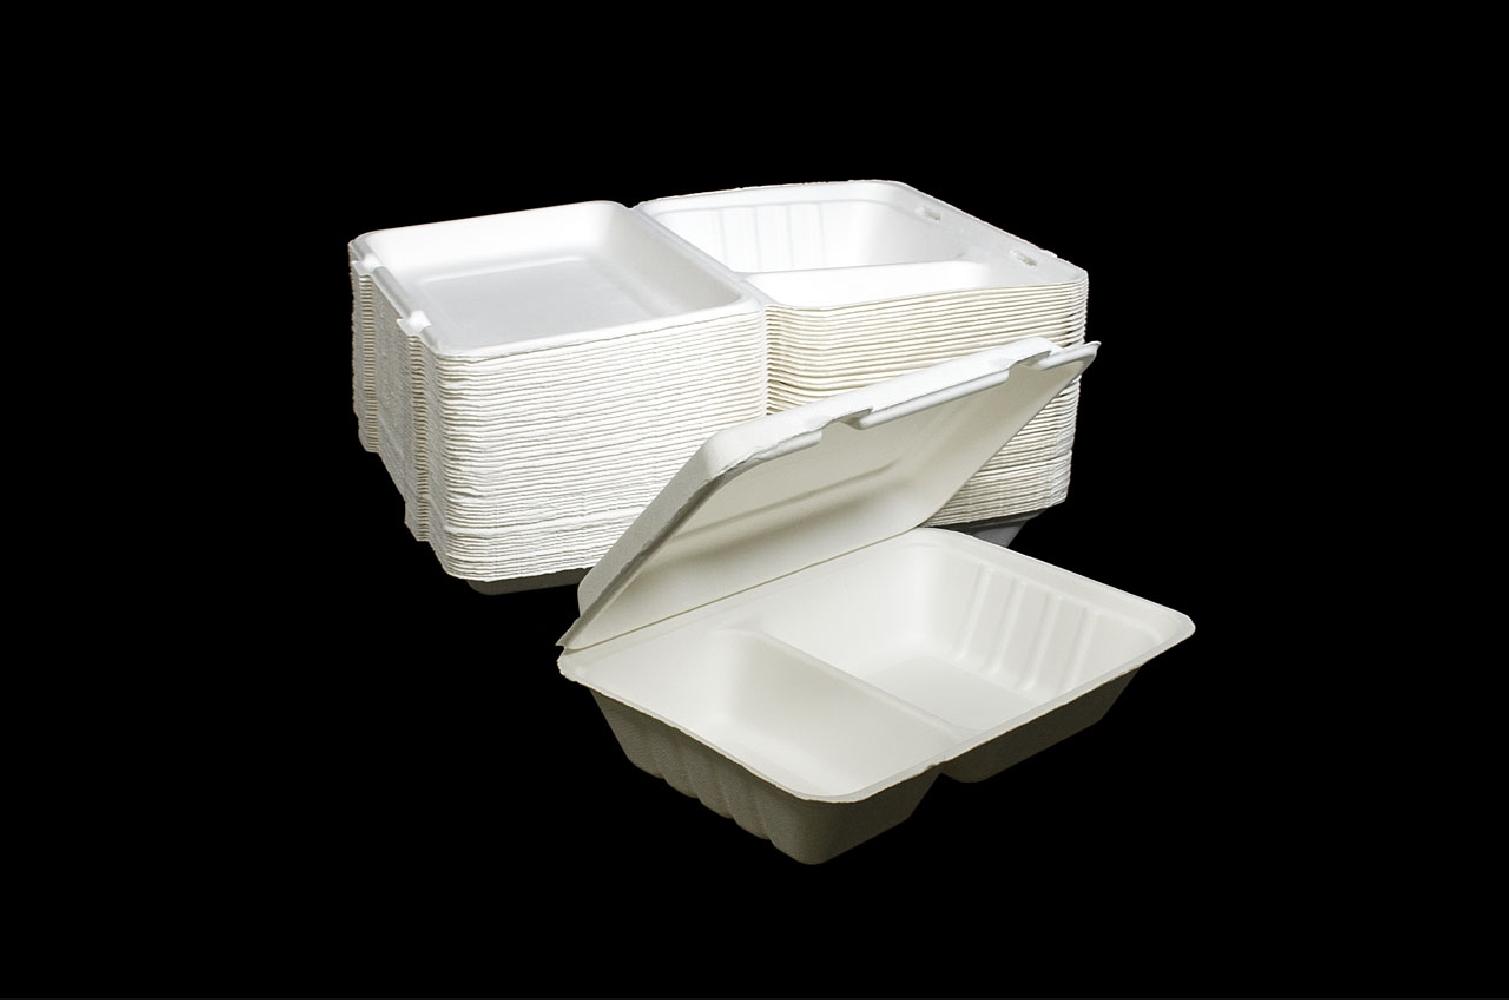 BOX a due Scomparti IN BAGASSA (50 PEZZI) per packaging d'asporto e delivery per professionisti ristorazione online ingrosso